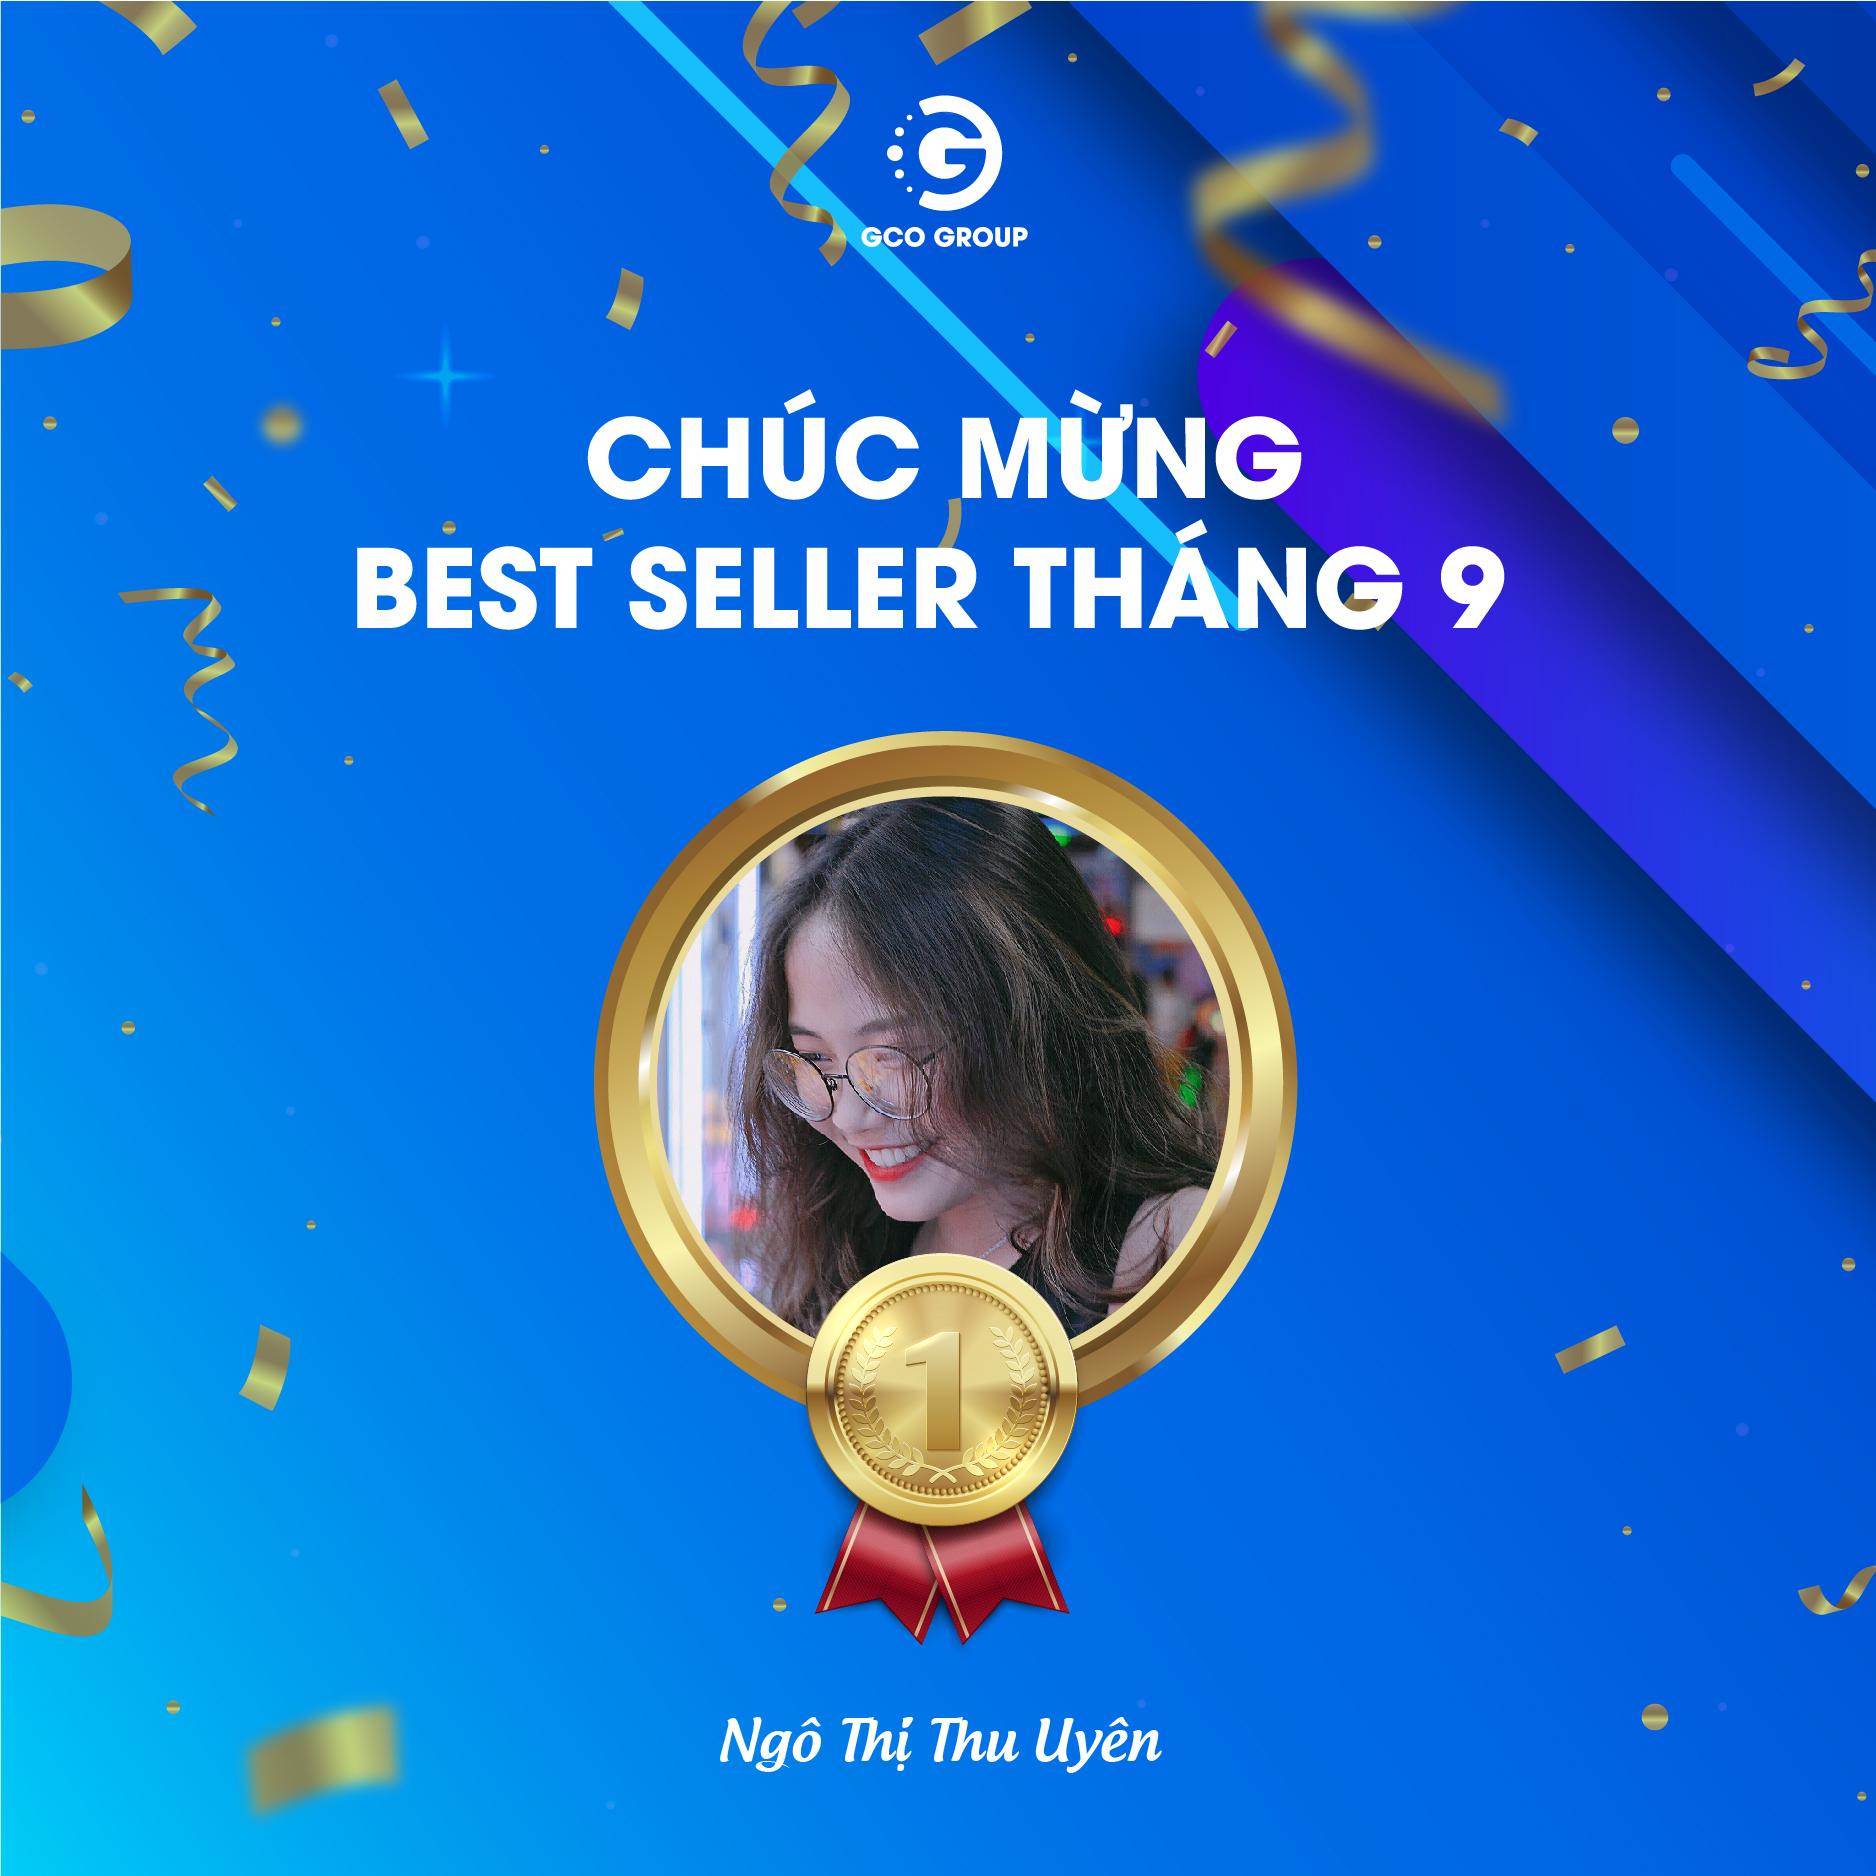 Ngô Thị Thu Uyên – Cô gái Best Seller trẻ tuổi nhất của GCO Group.